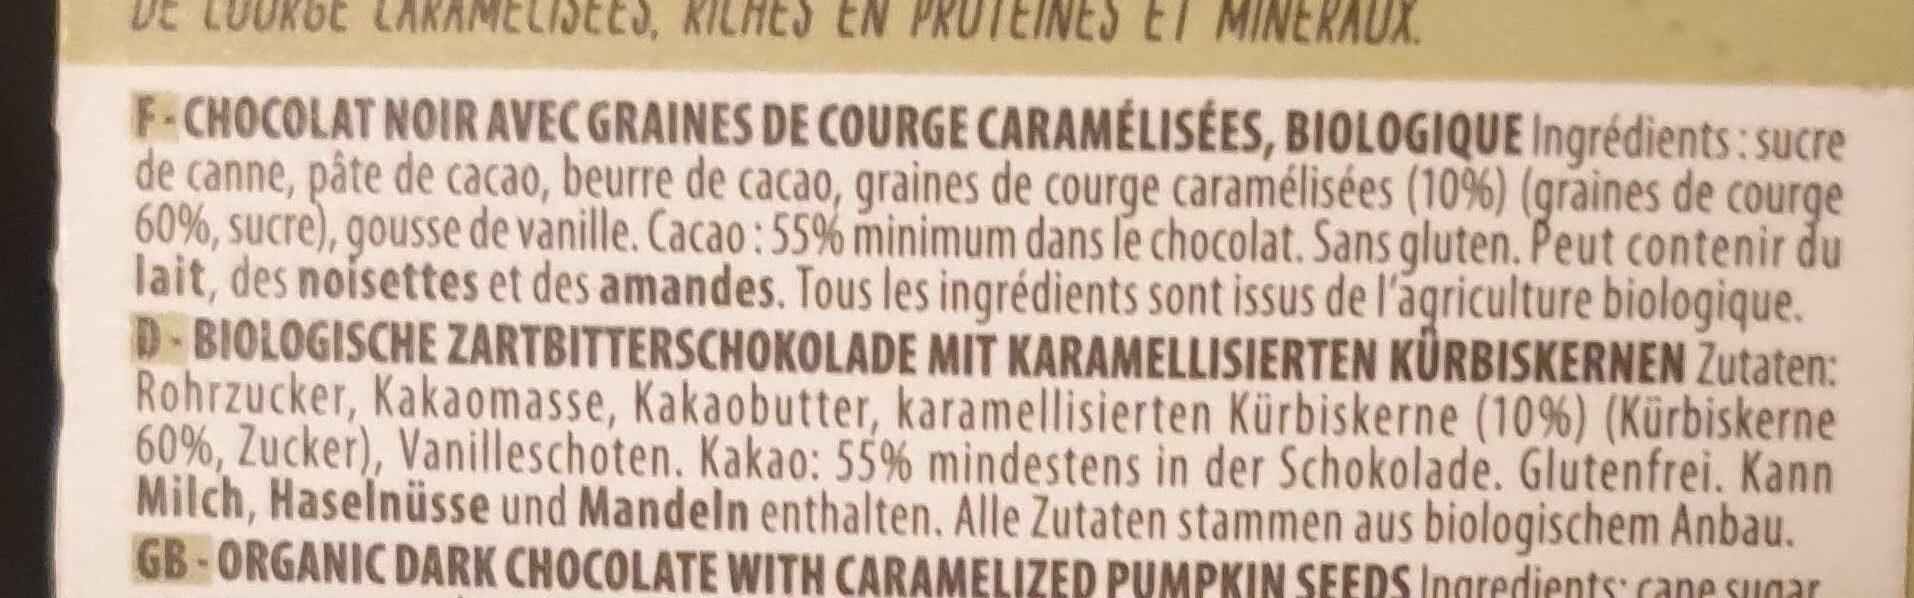 Noir 70 Pour Cent Sans Sucre Ajouté - Ingredienti - fr